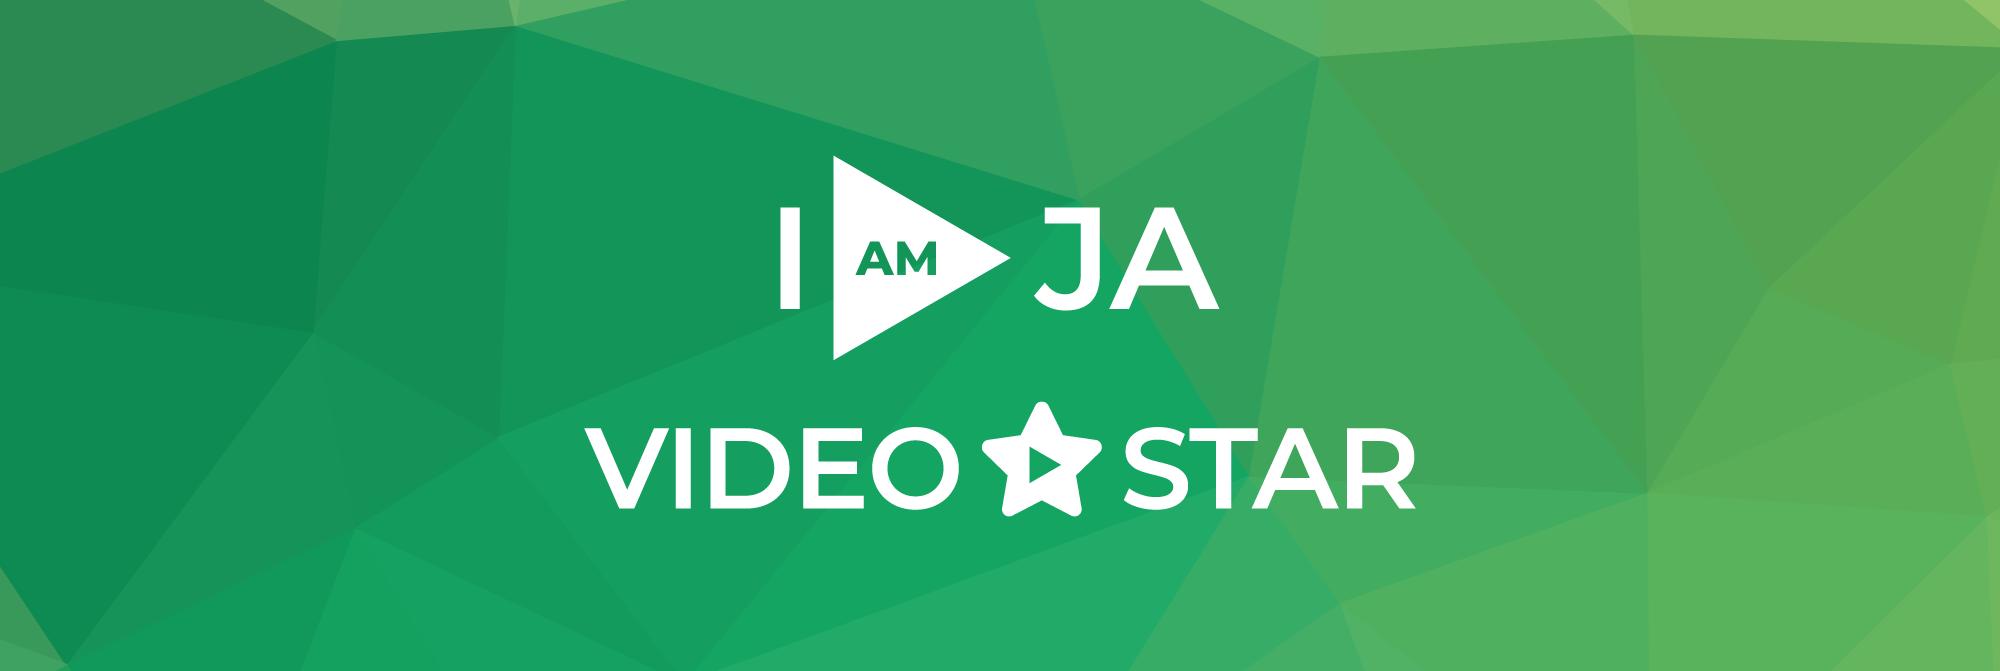 I-am-JA-banner.png